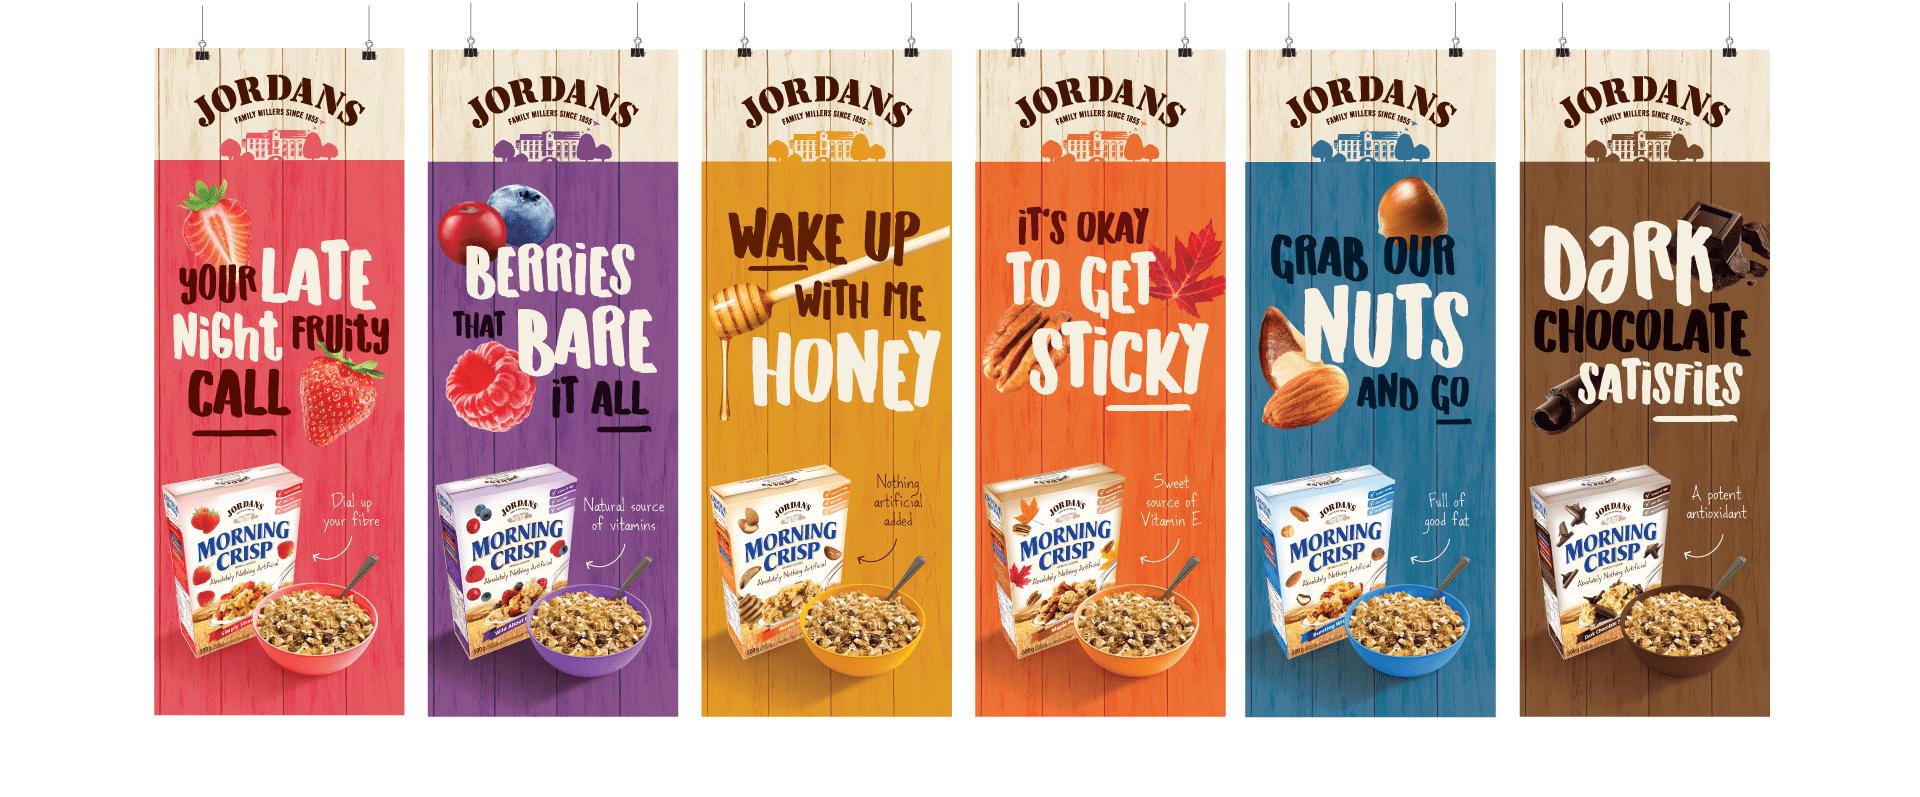 Jordans Morning Crisp flavour banners